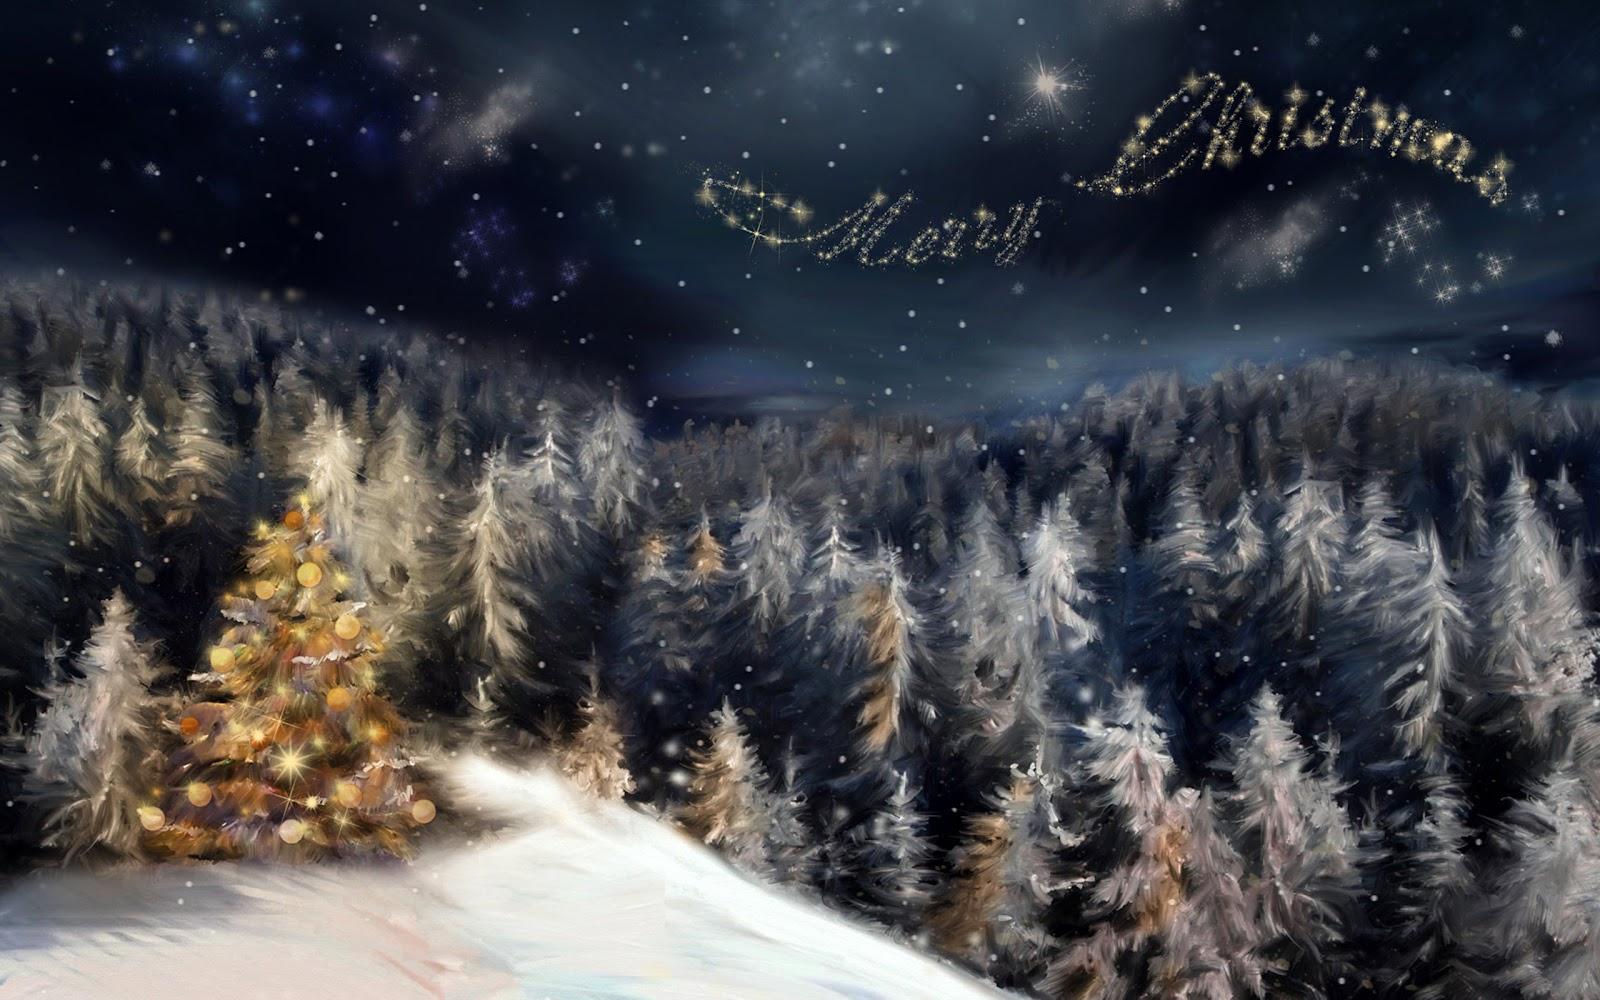 Weihnachten bilder wallpapers weihnachten - Weihnachten wallpaper ...